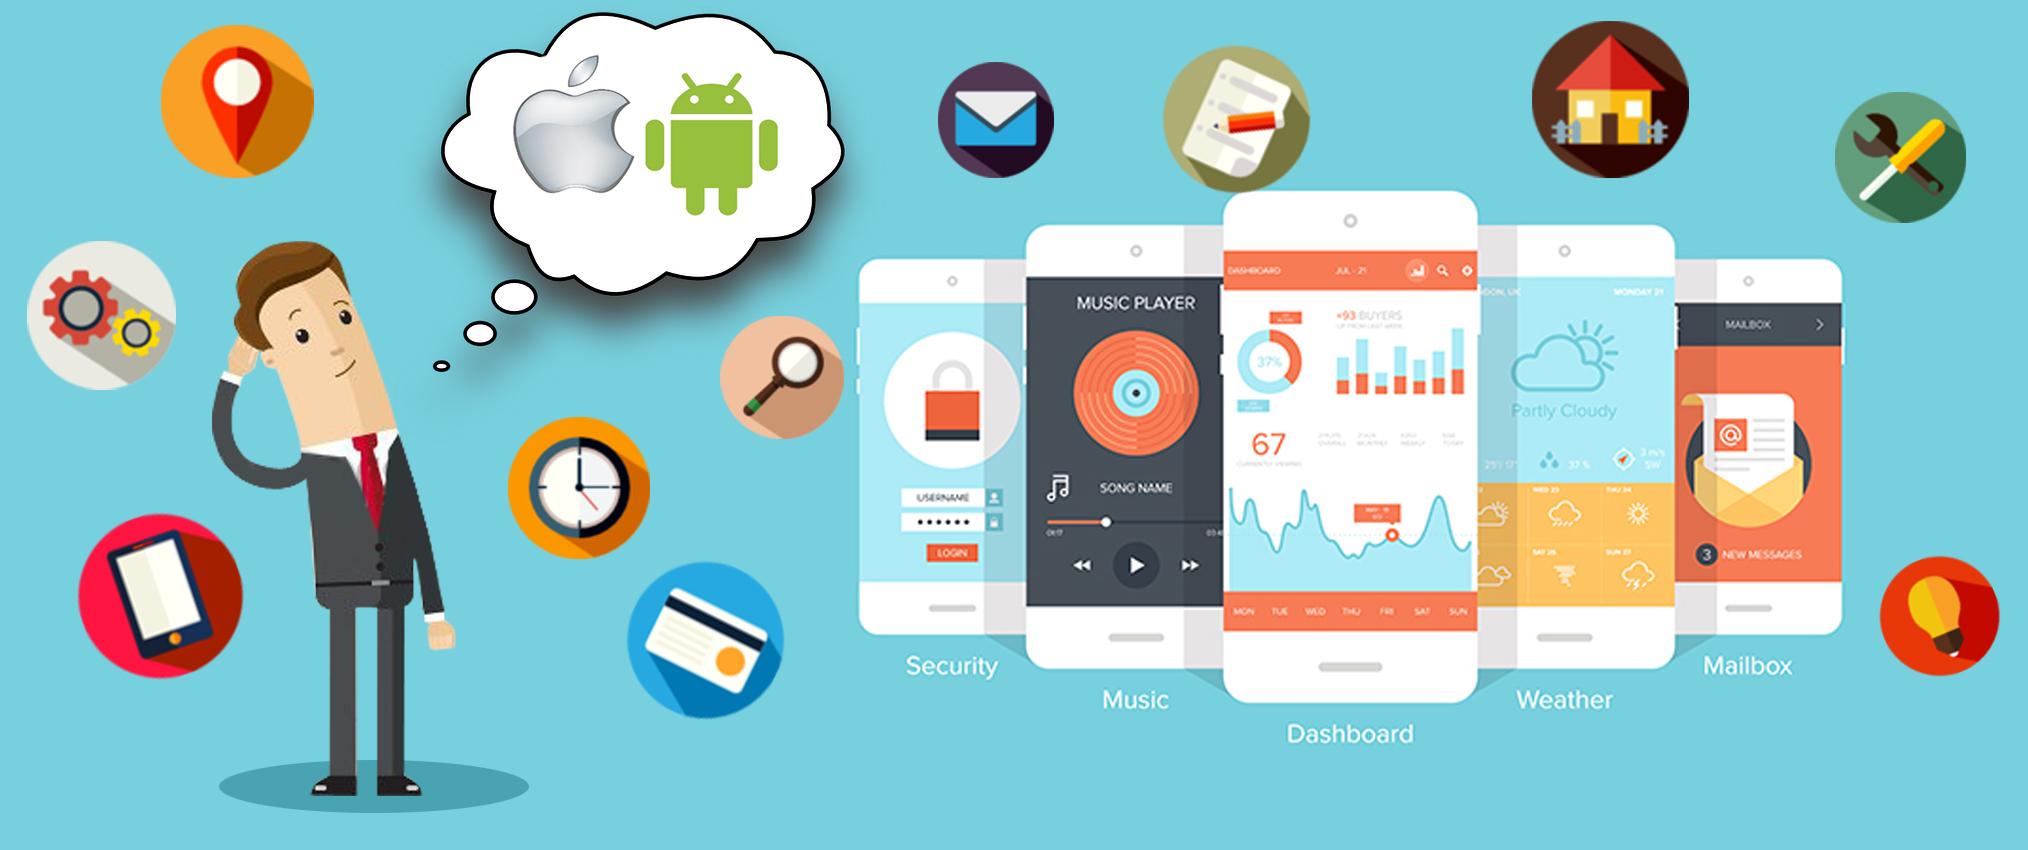 Раскрутка мобильных приложений